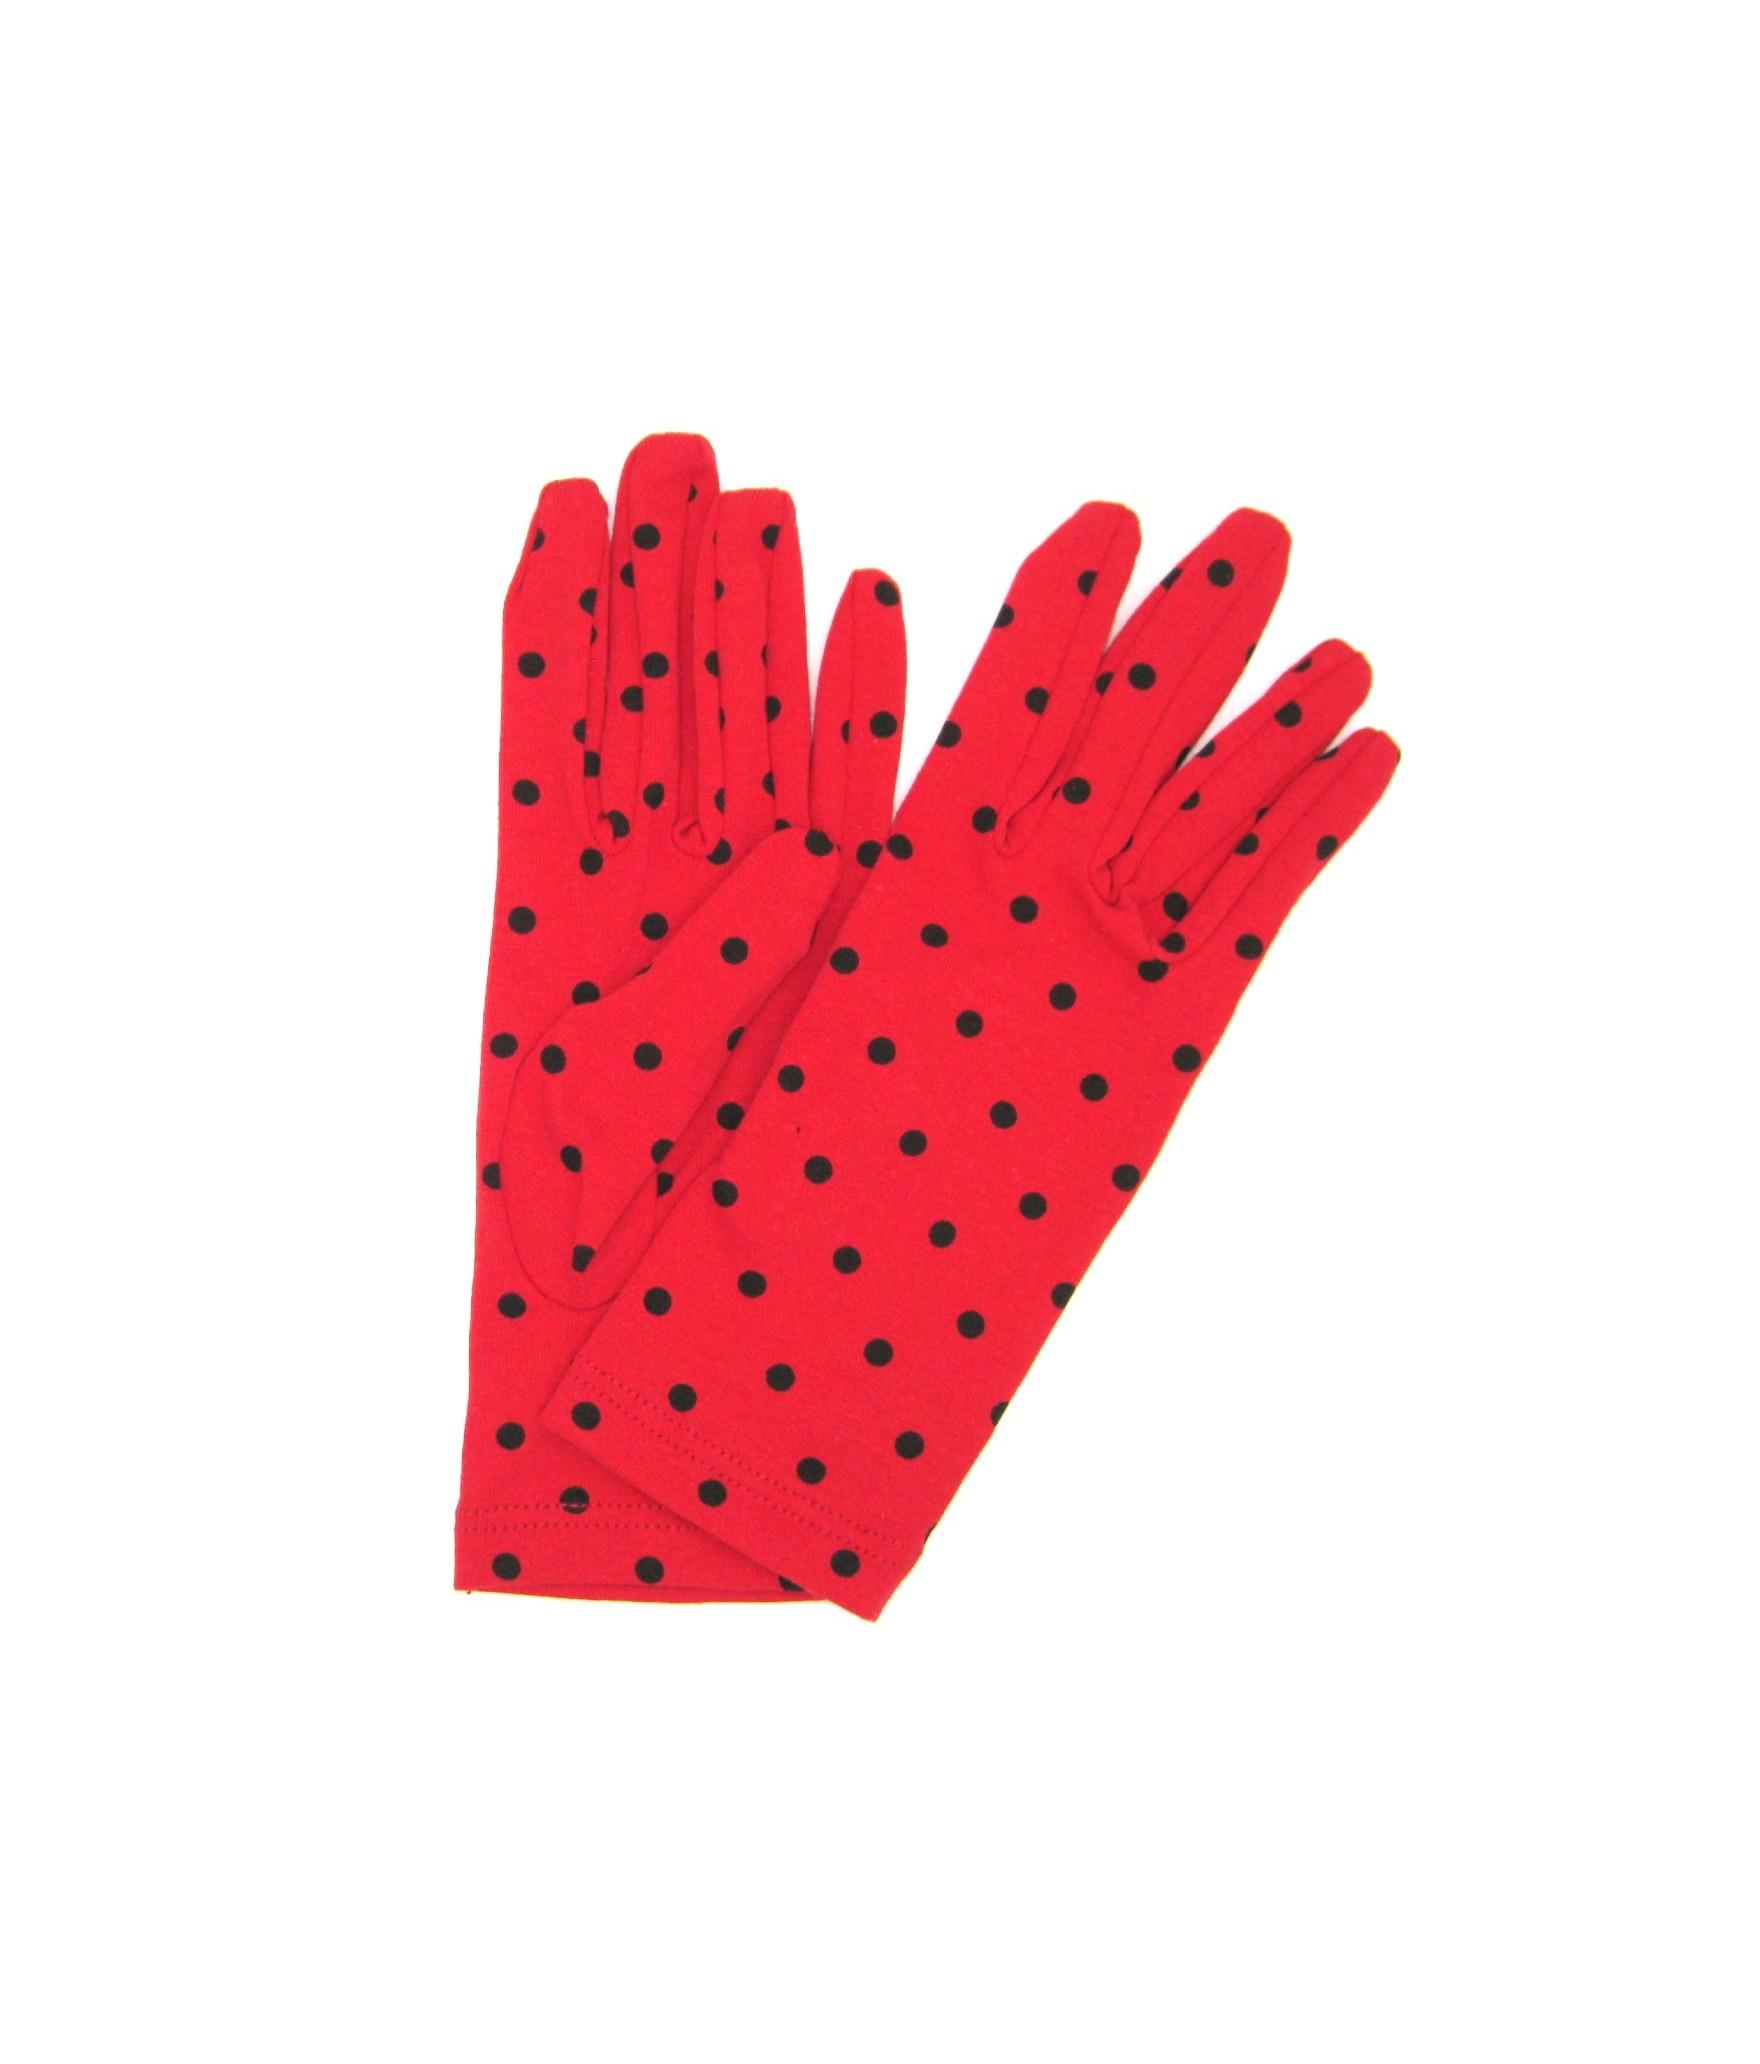 Cotton gloves with Polka Dots Cherry Red/Pois Black Sermoneta